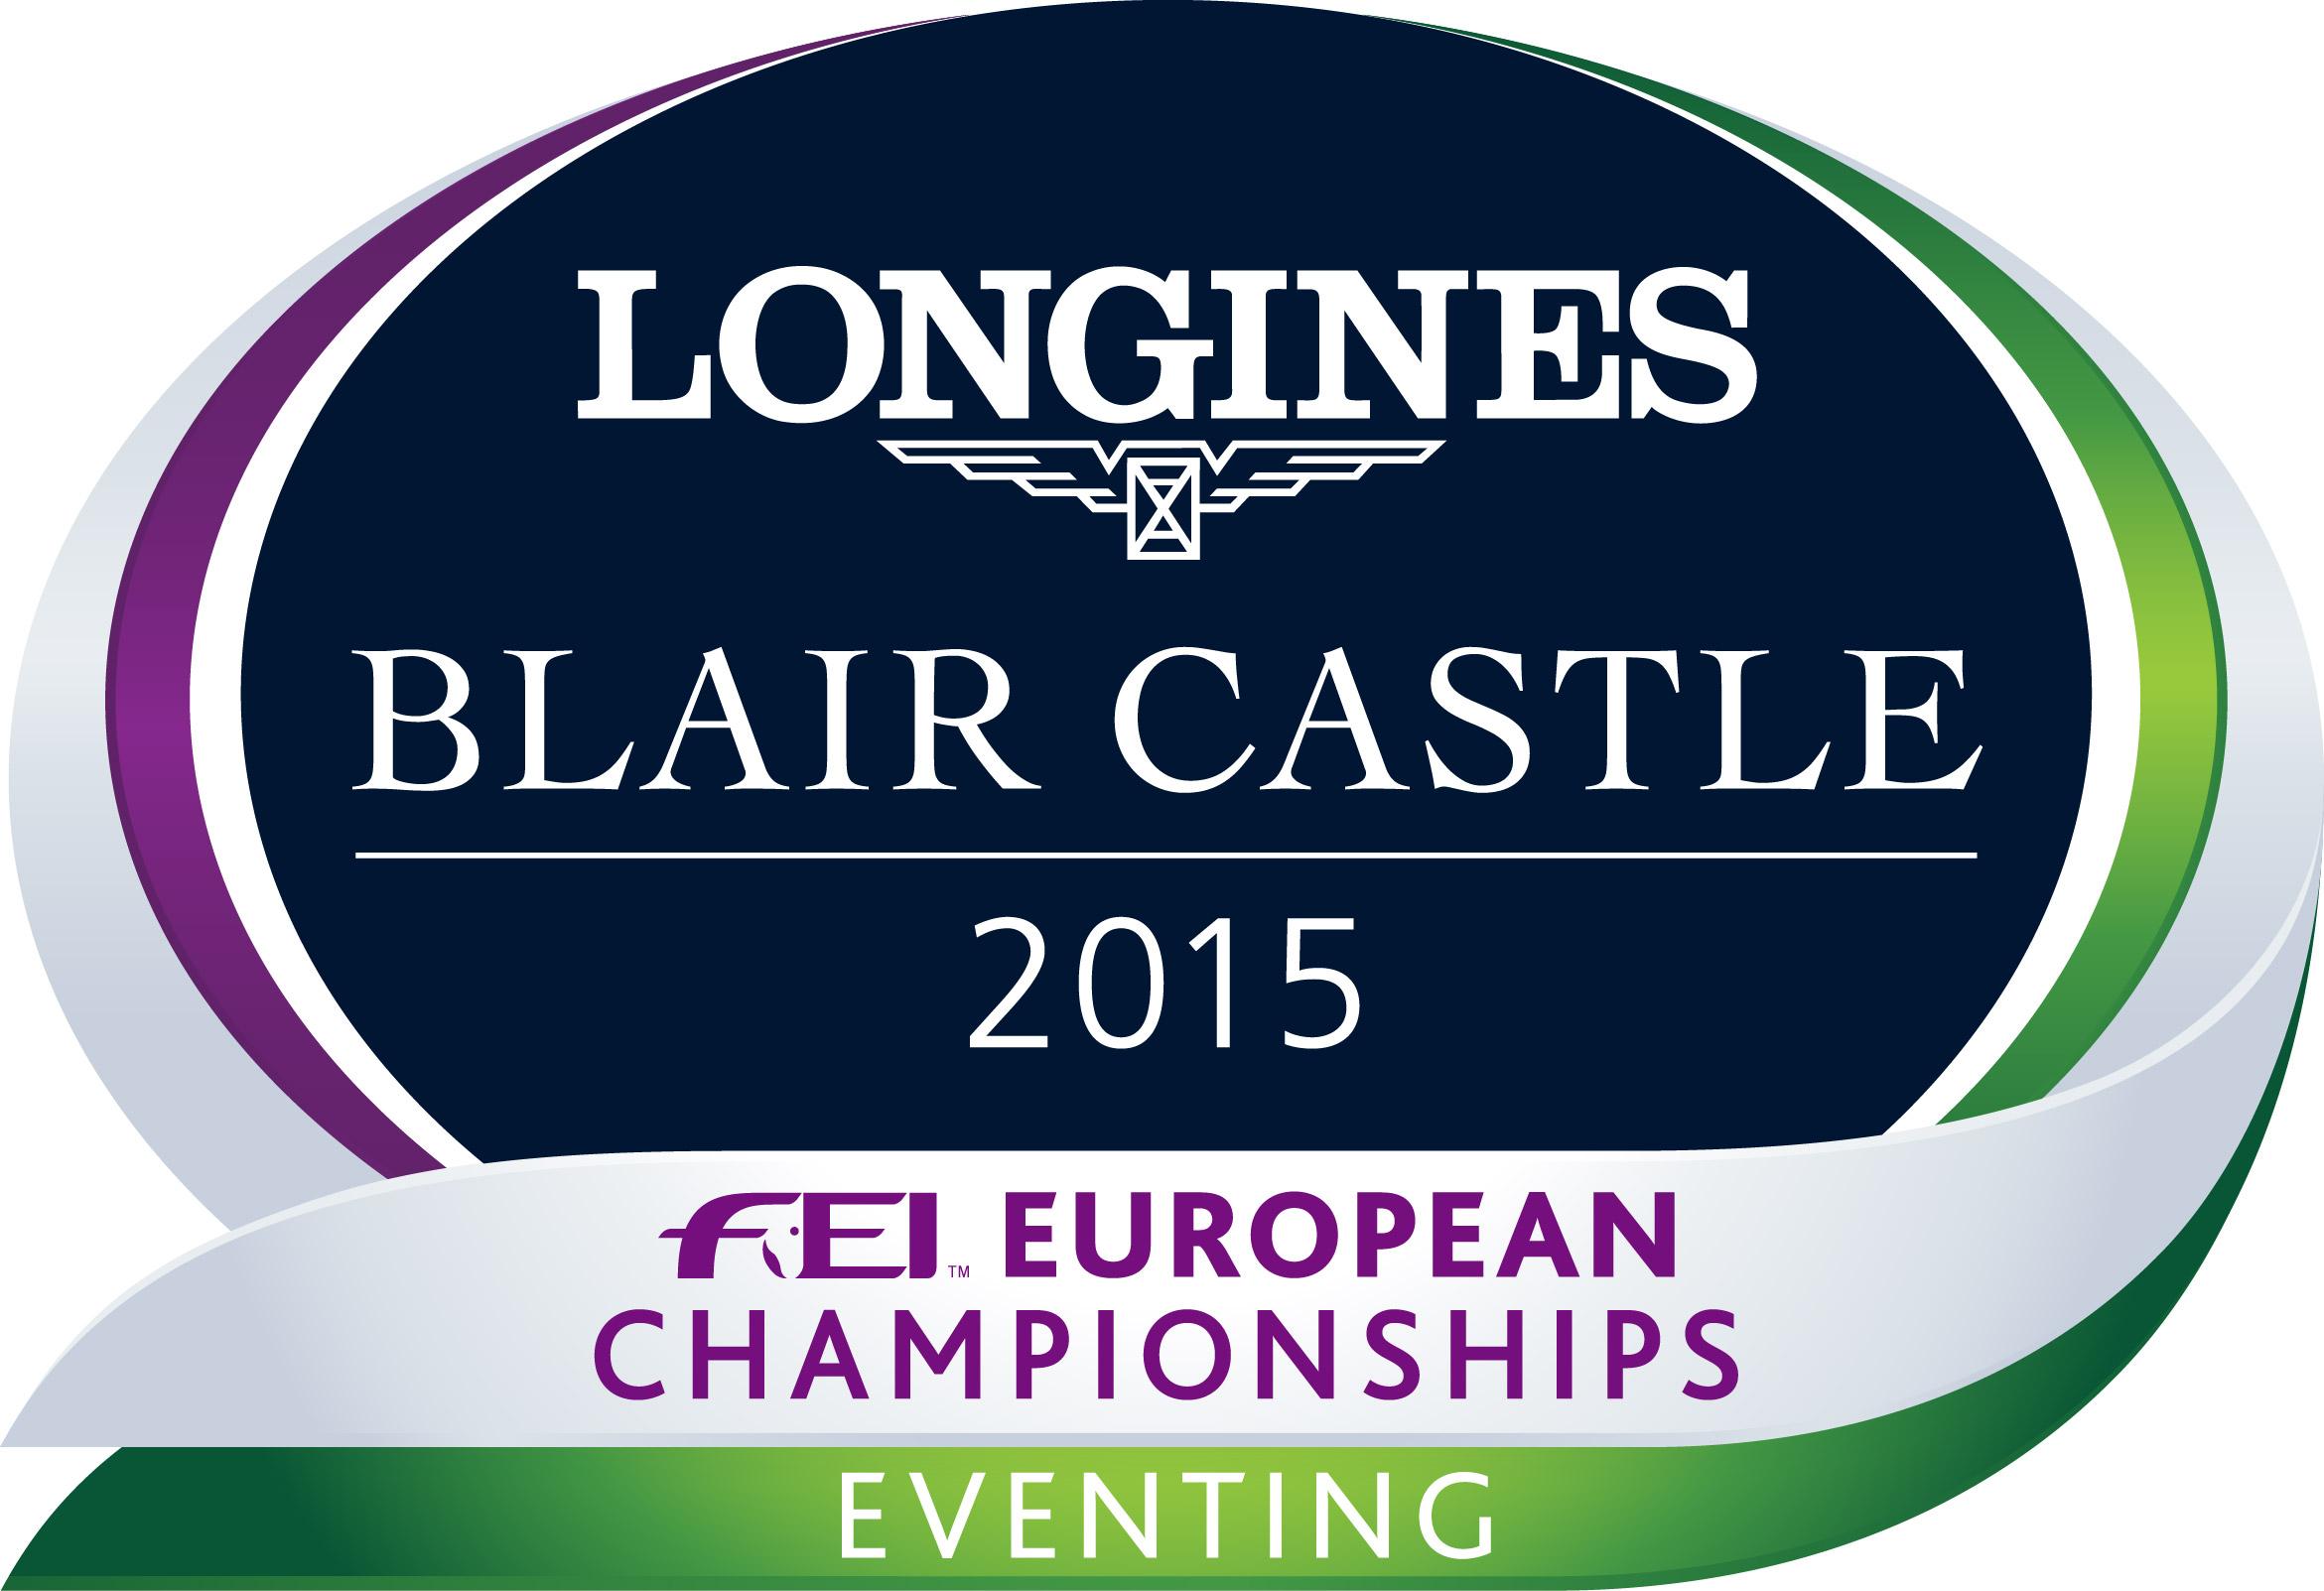 Gli Europei di completo di Blair Castle avranno Longines come title sponsor